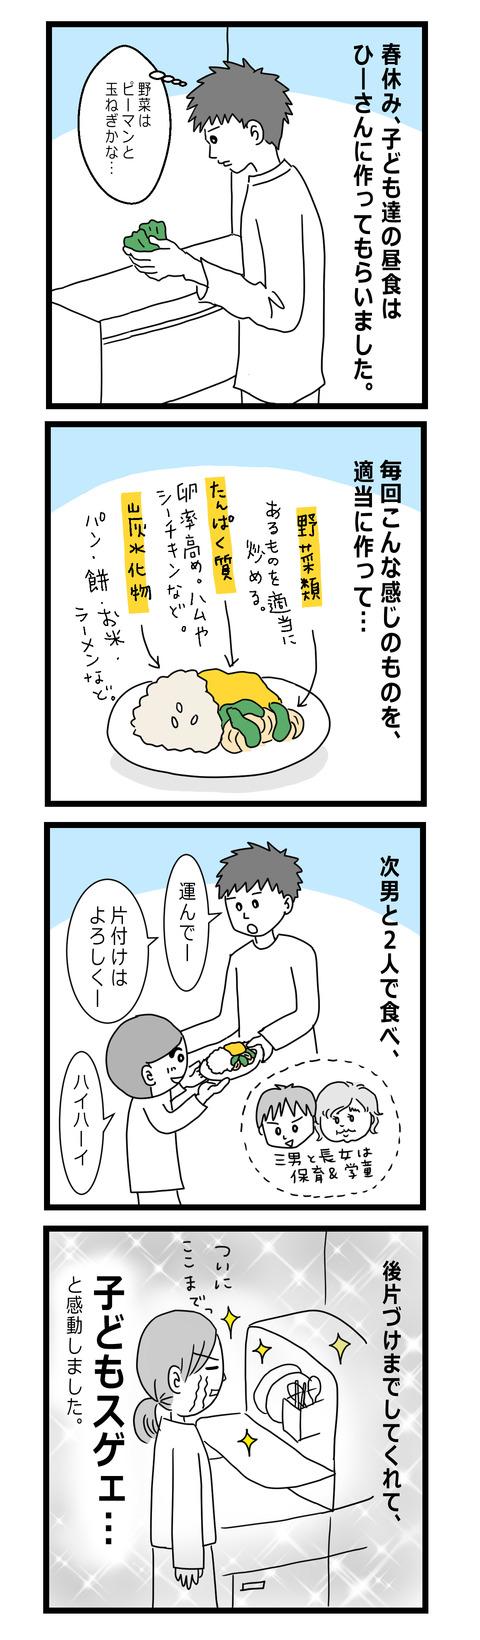 春休みのごはん作り(1才〜1才半)